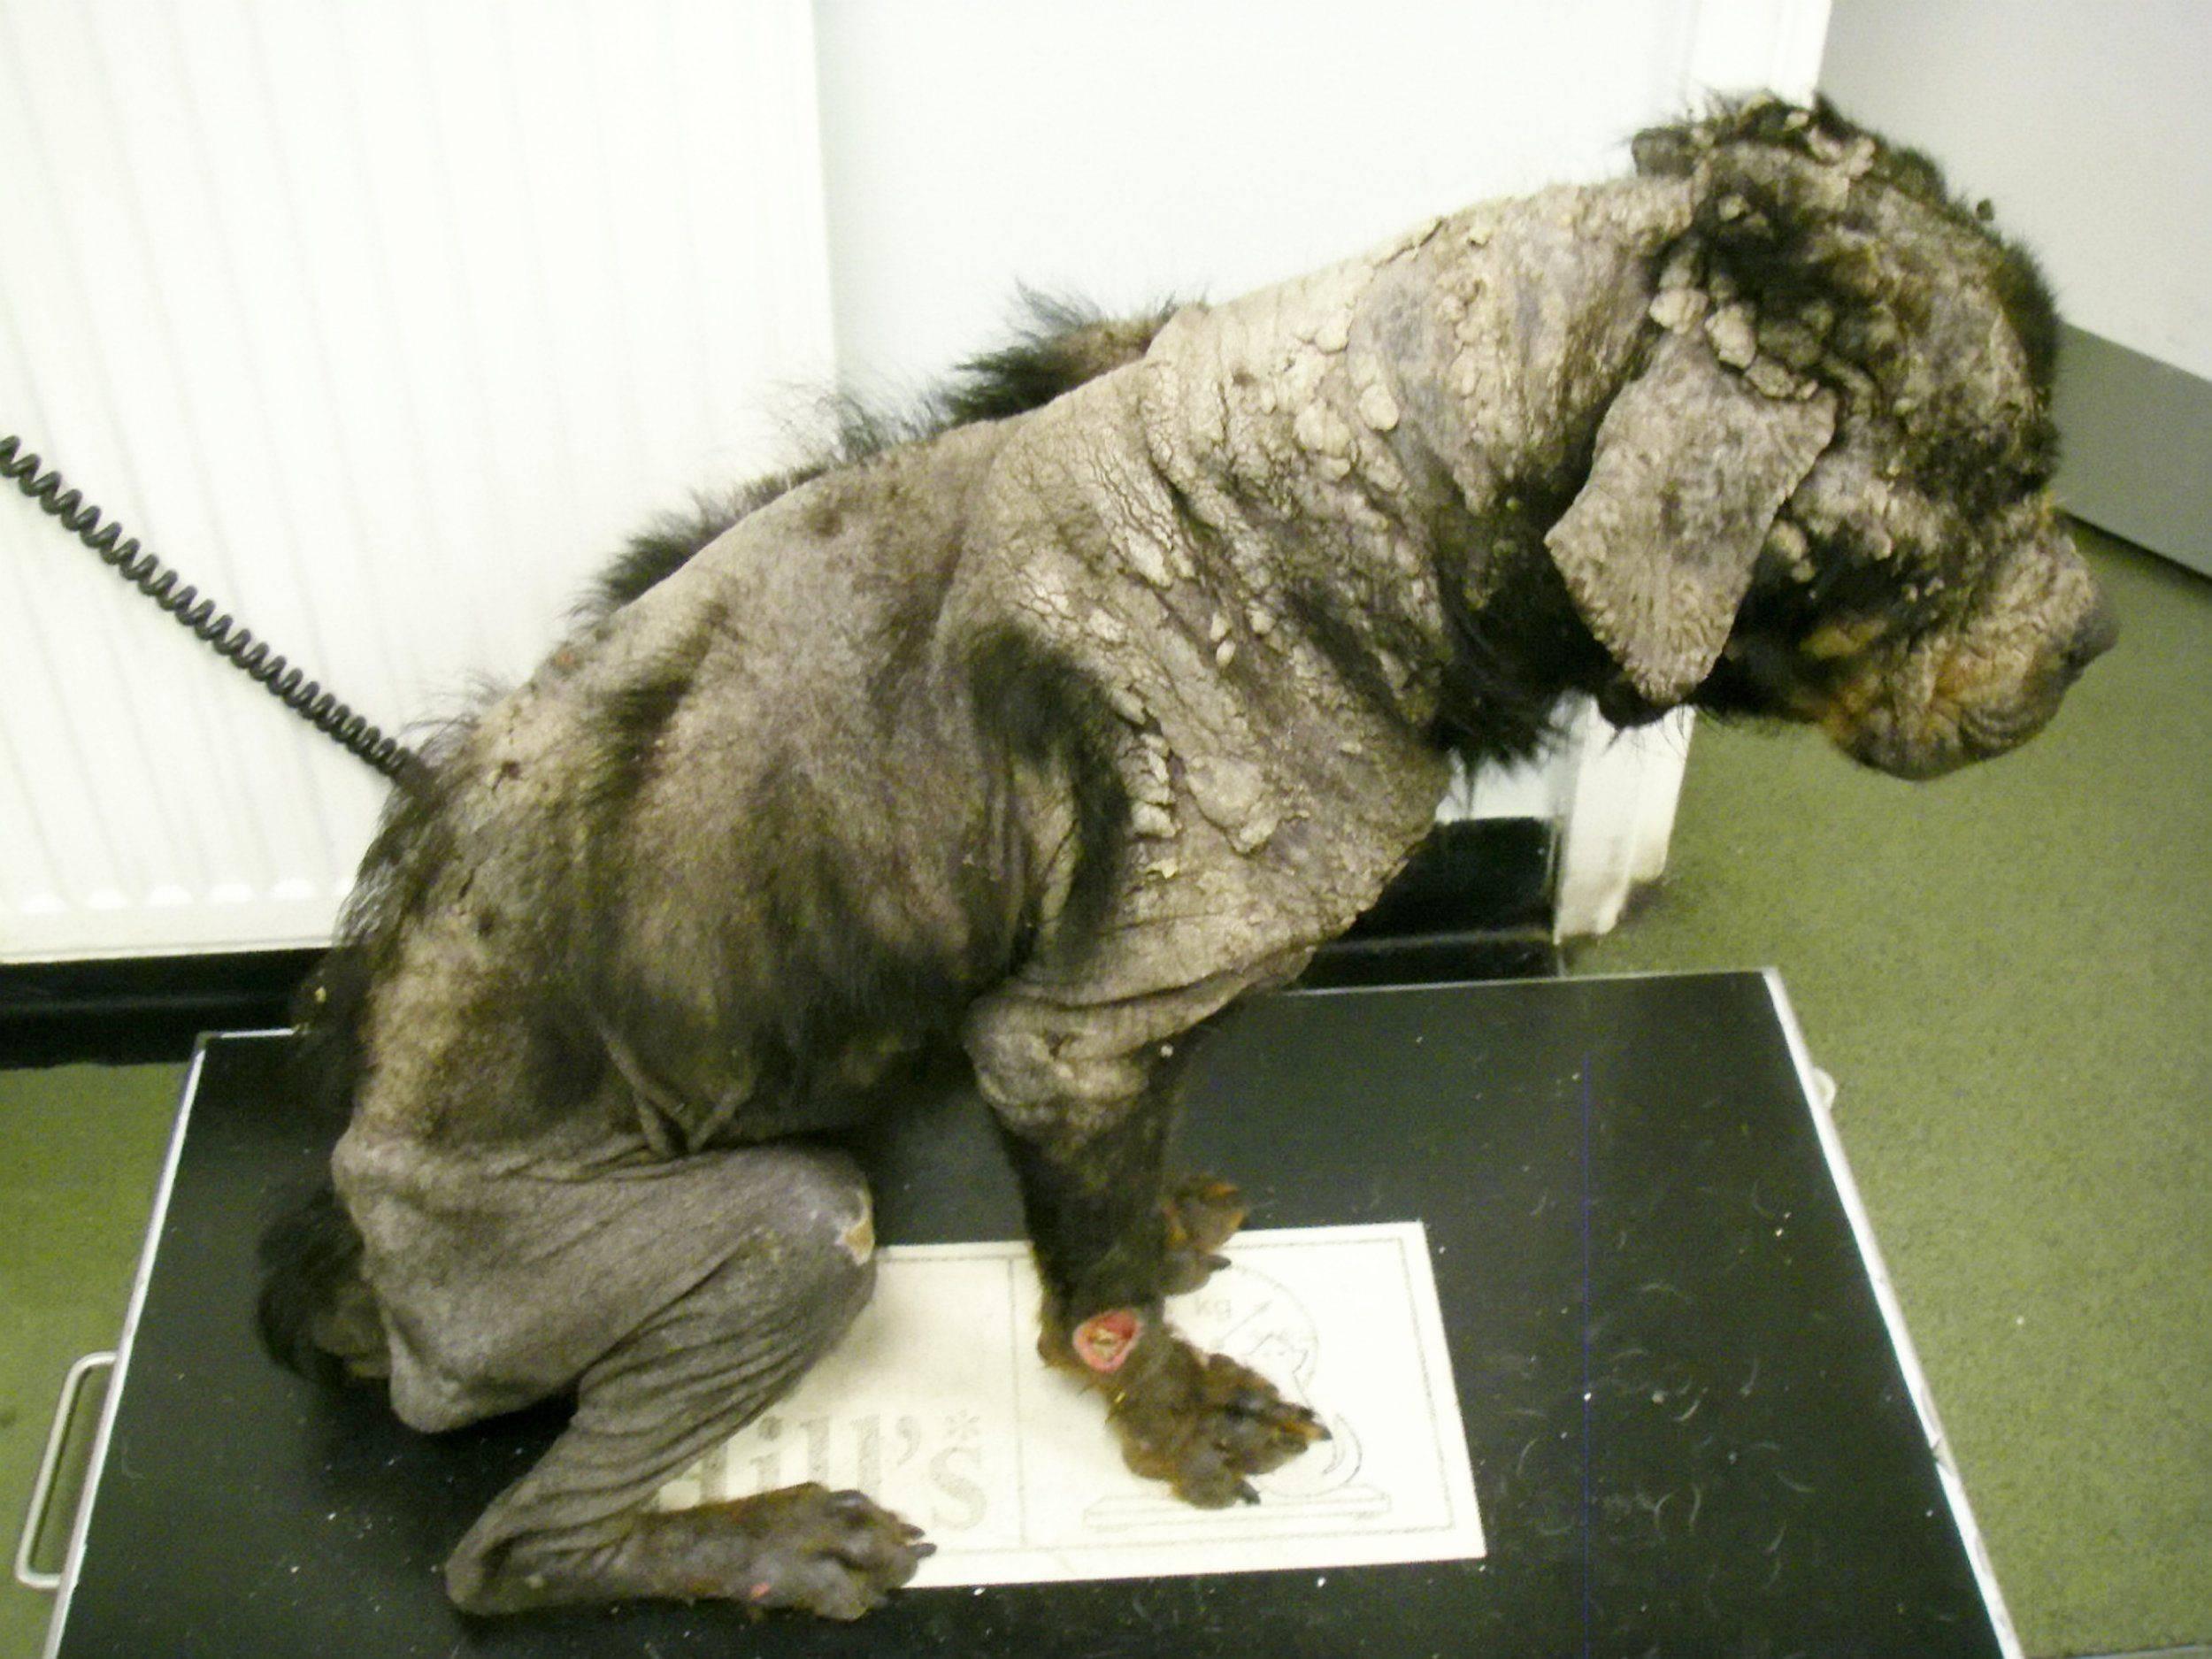 Cane in condizioni tragiche, il padrone era andato in vacanza